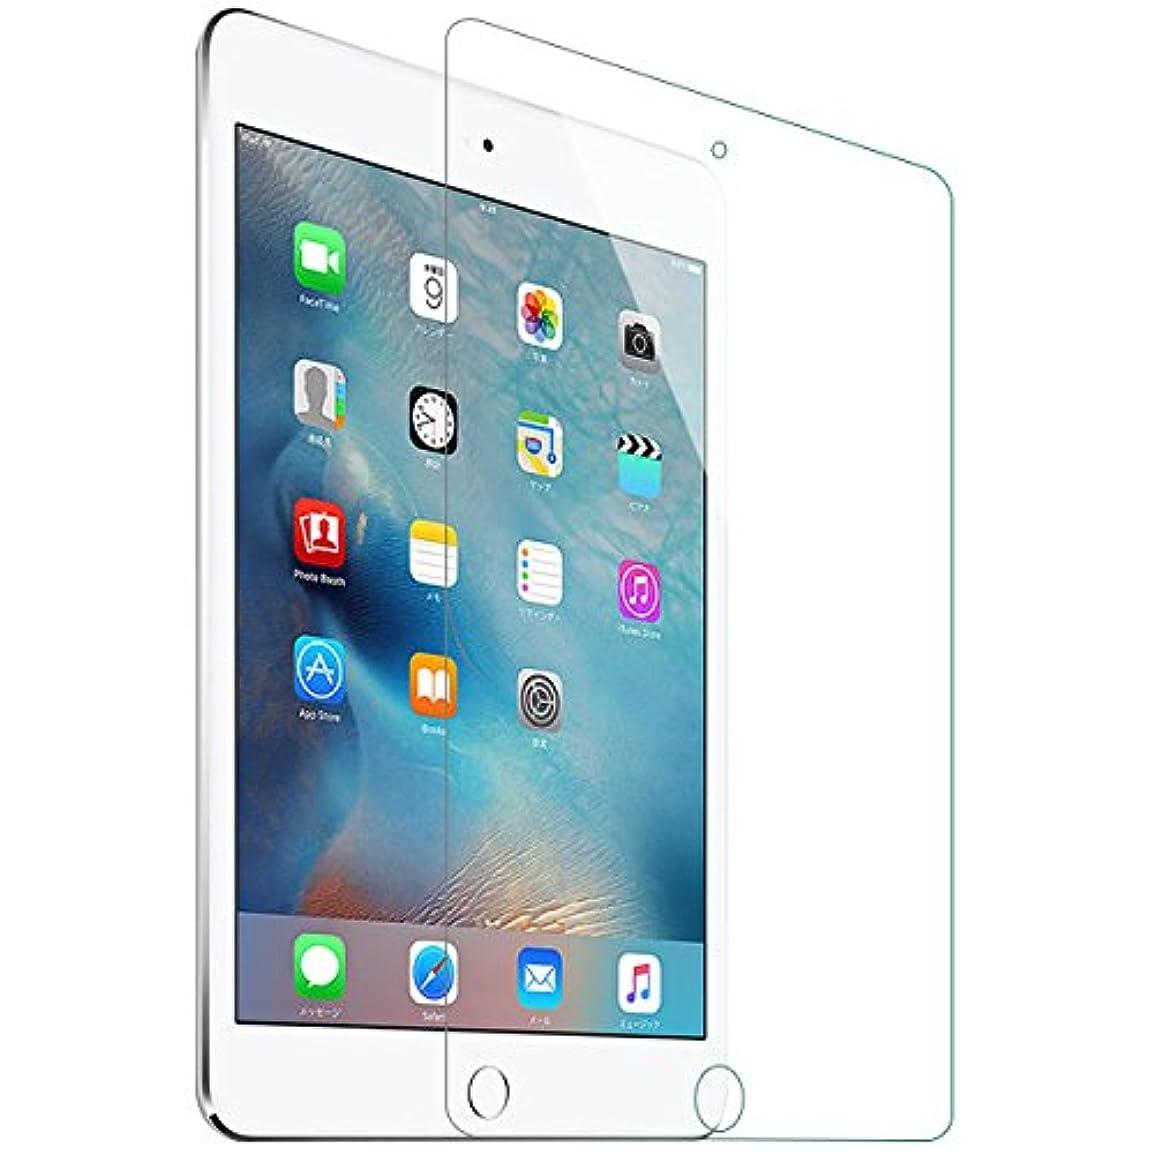 マージ繊細輝くiPad mini5 iPad mini4液晶保護フィルム (高光沢) [並行輸入品]